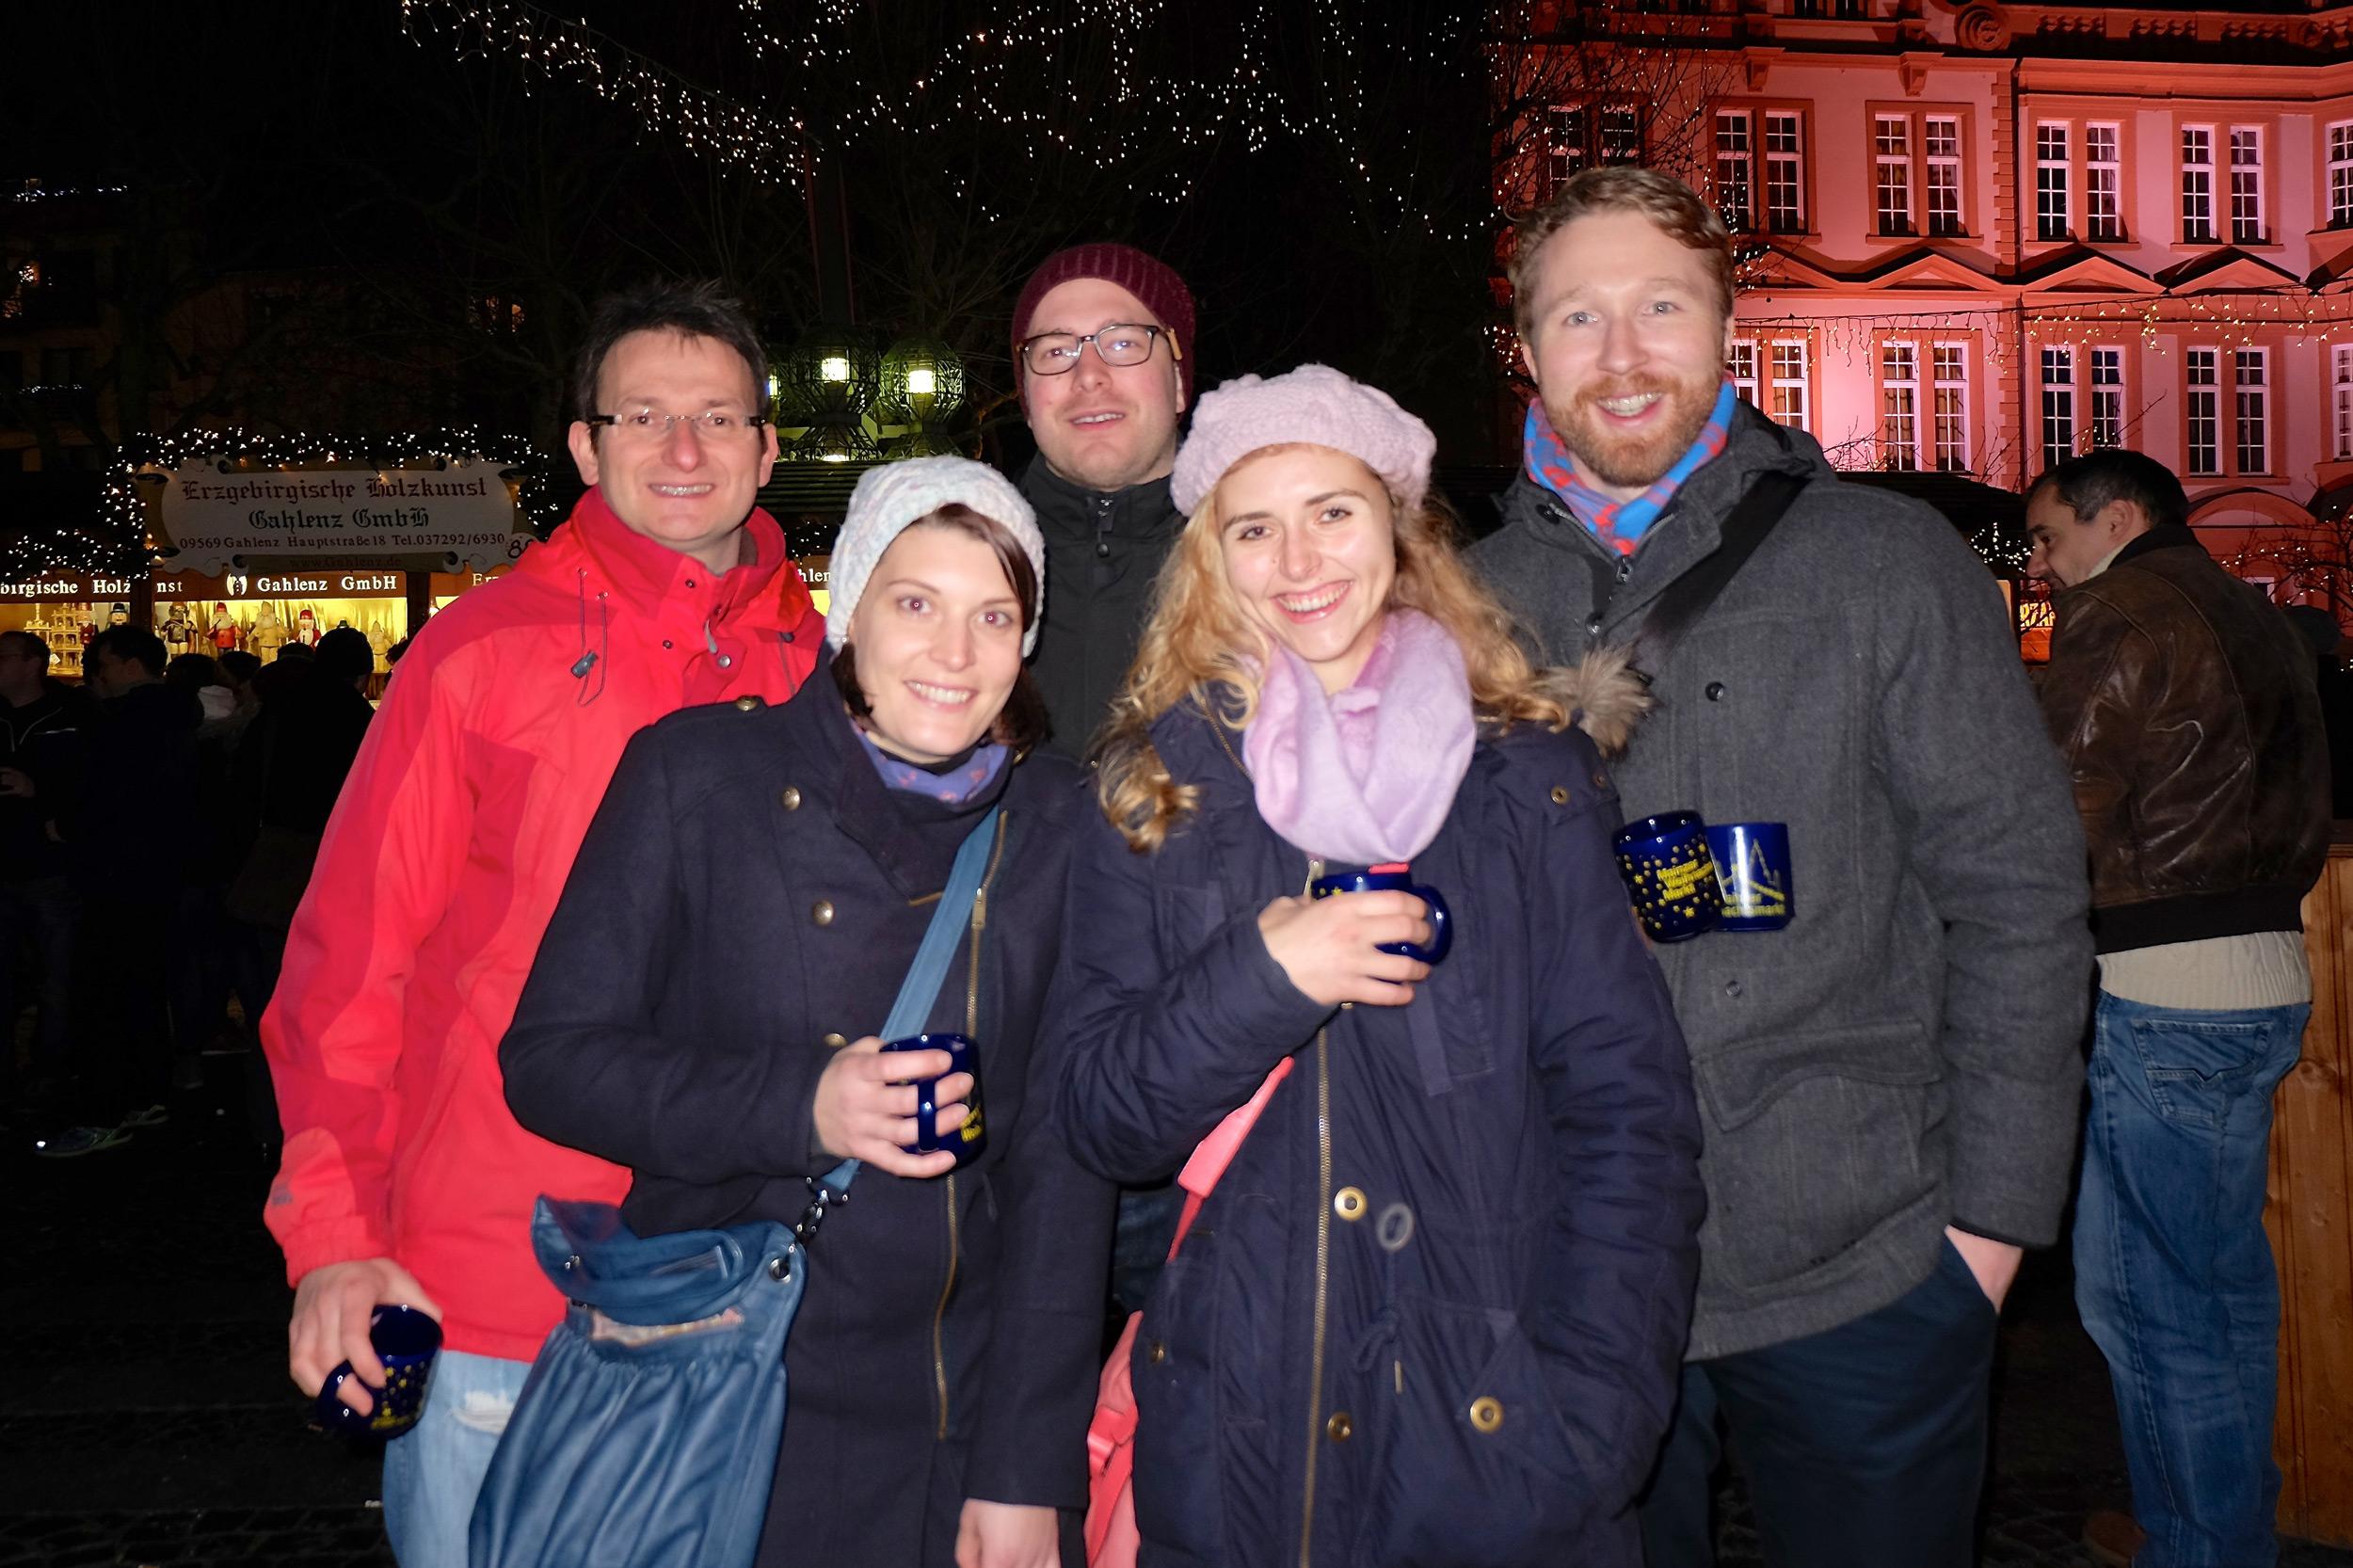 Weihnachtsfeier Wichlab Mainz 2013